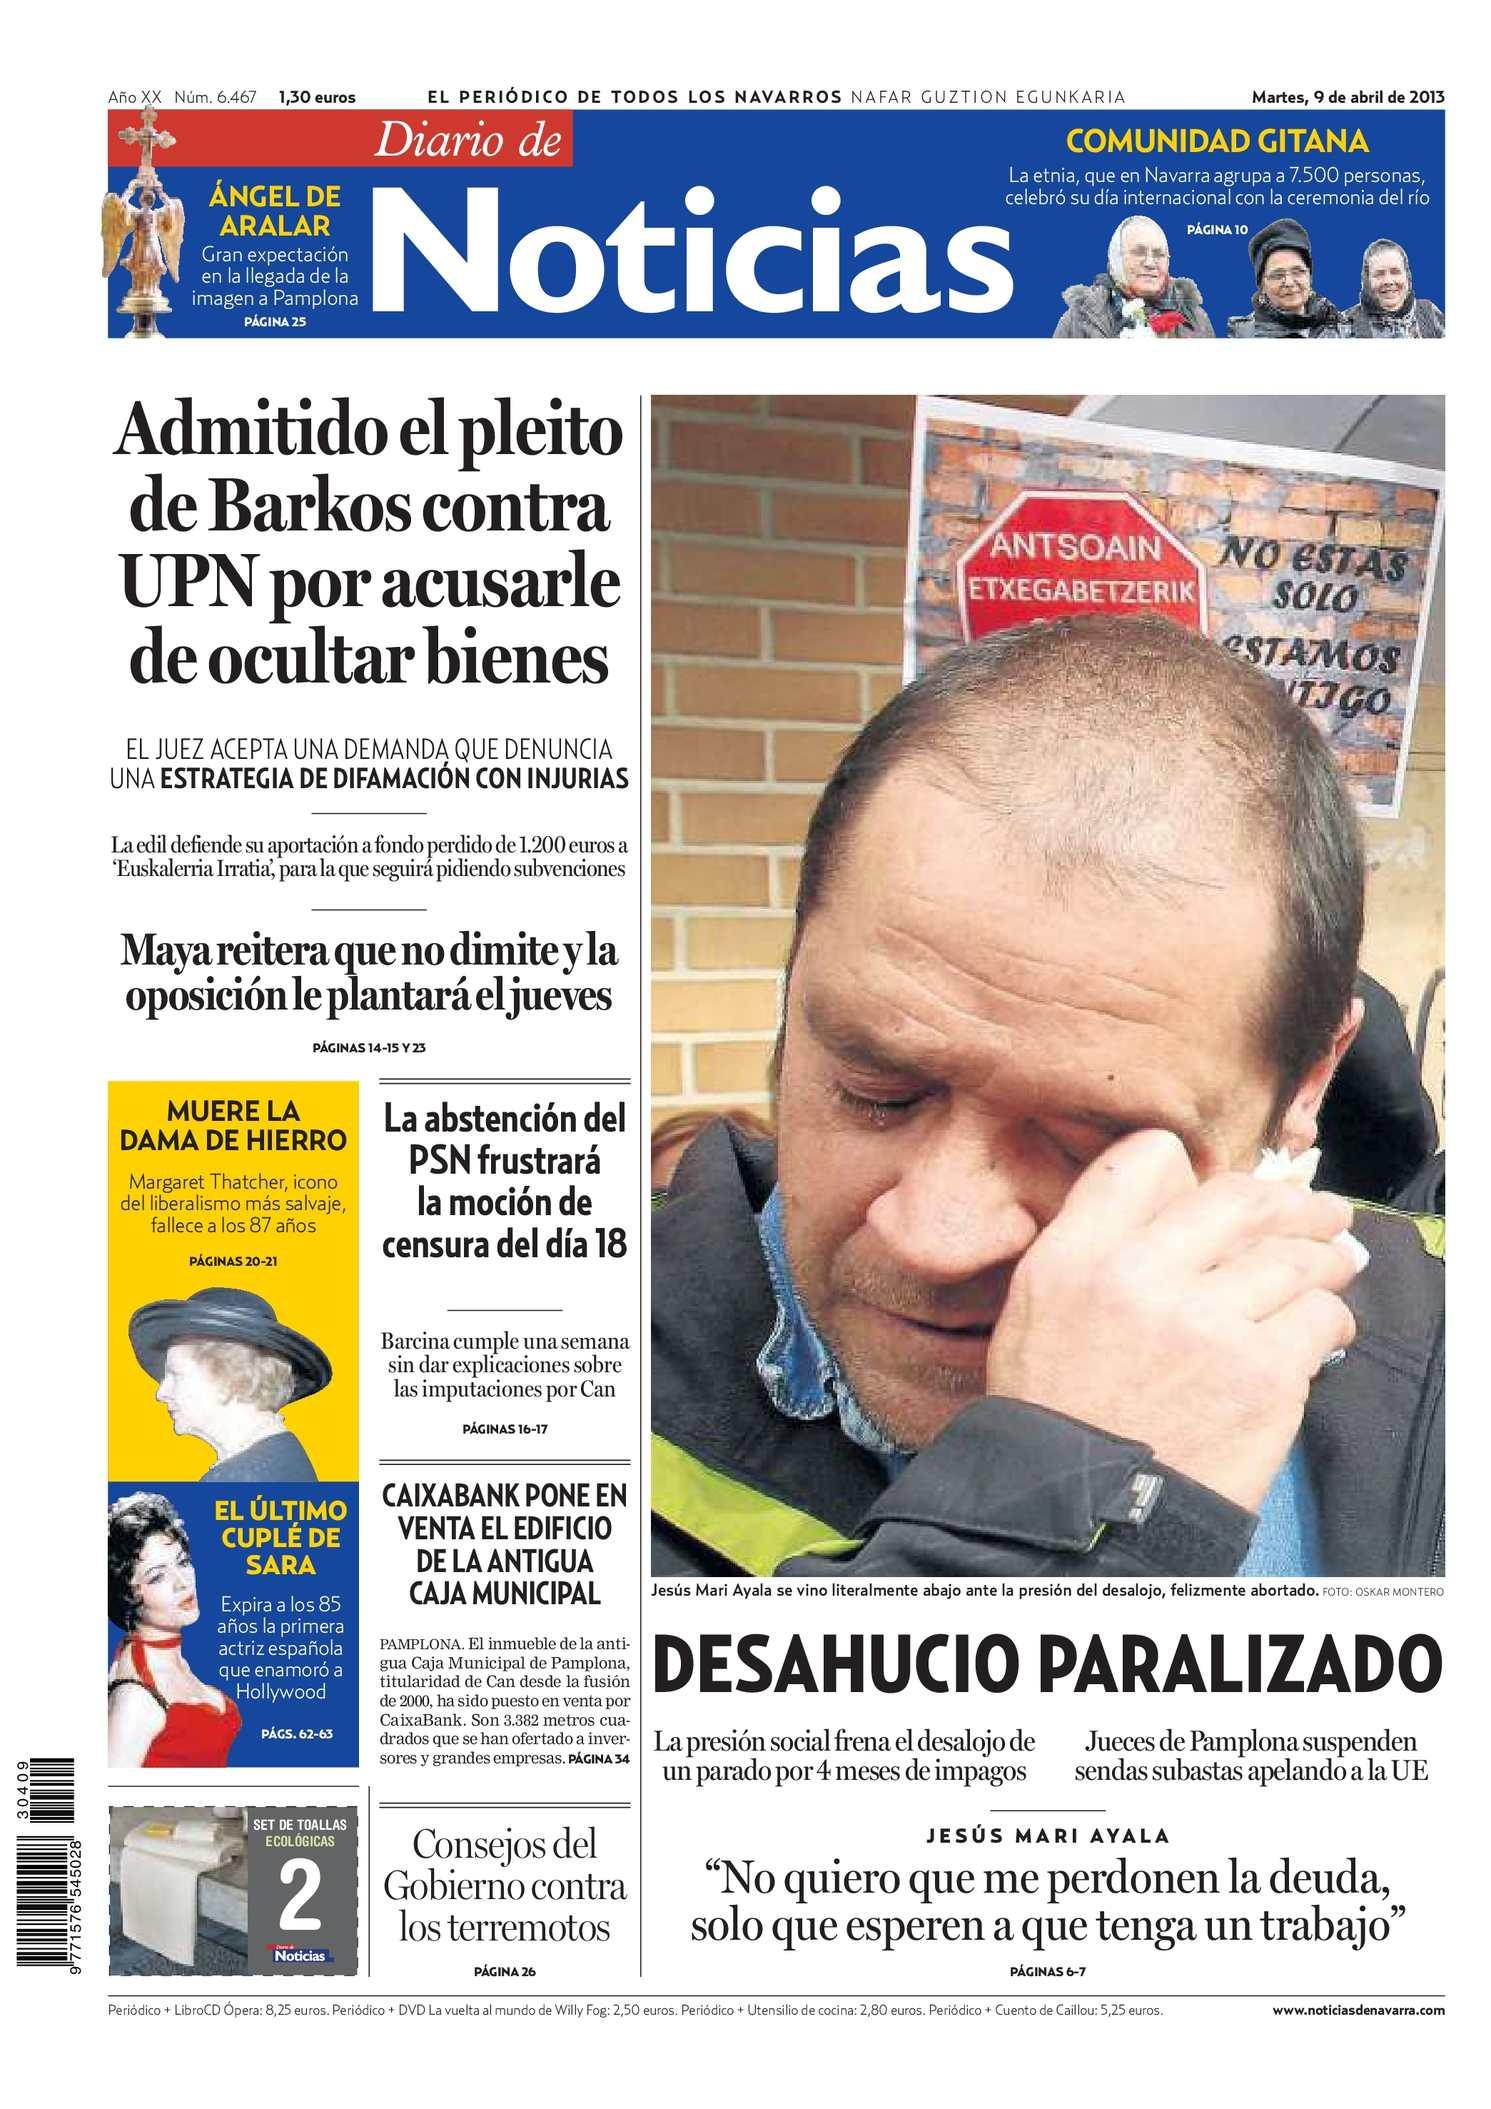 b011fc6fe3a0a9 Calaméo - Diario de Noticias 20130409